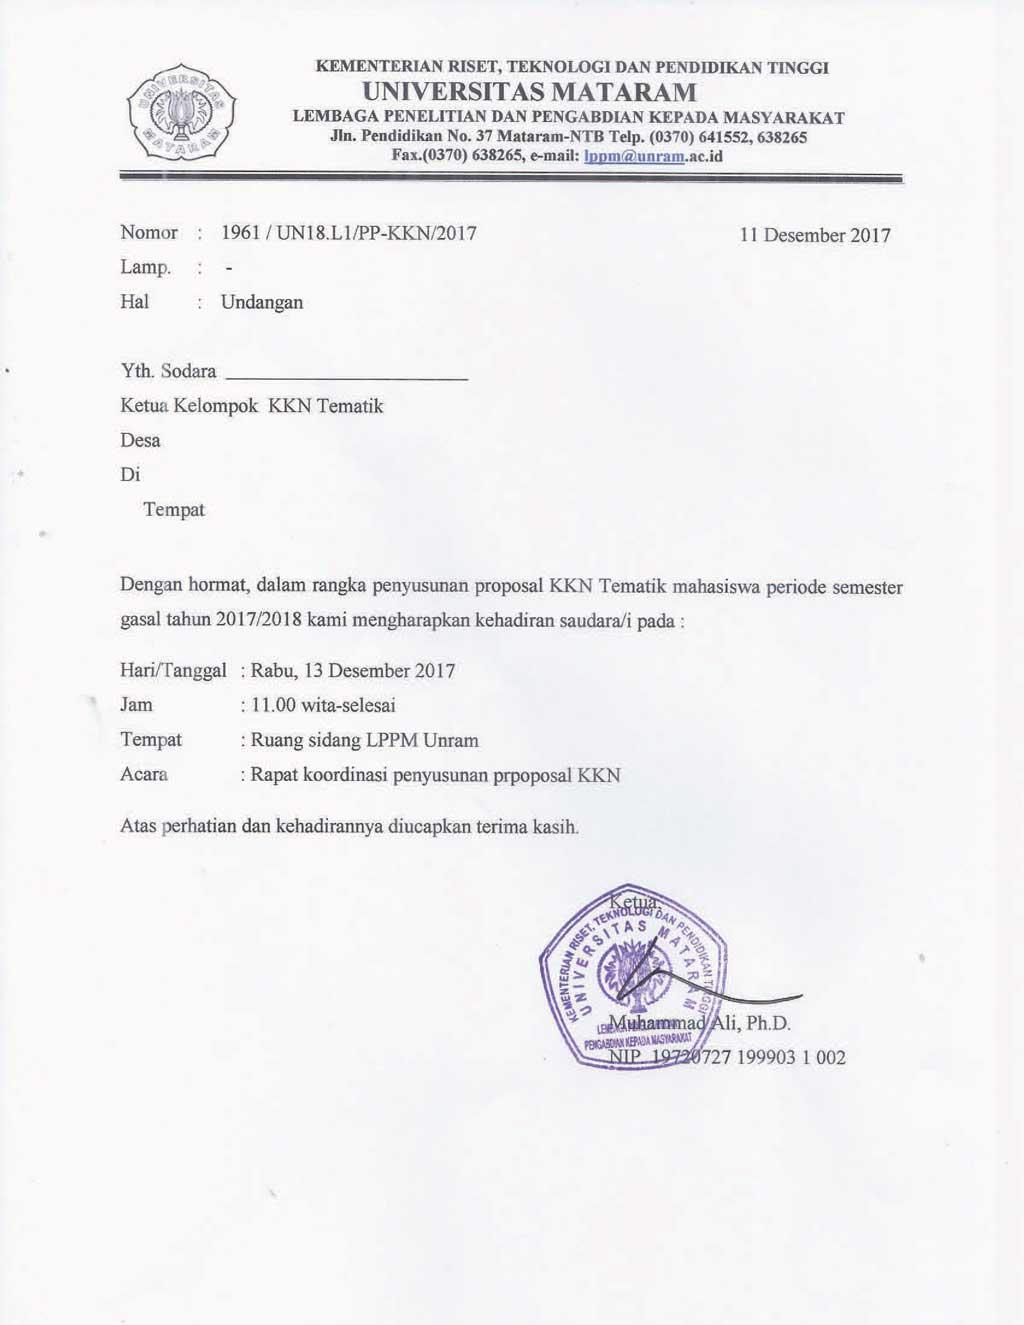 Surat Undangan Kordinasi 13des2017 Copy Copy Lembaga